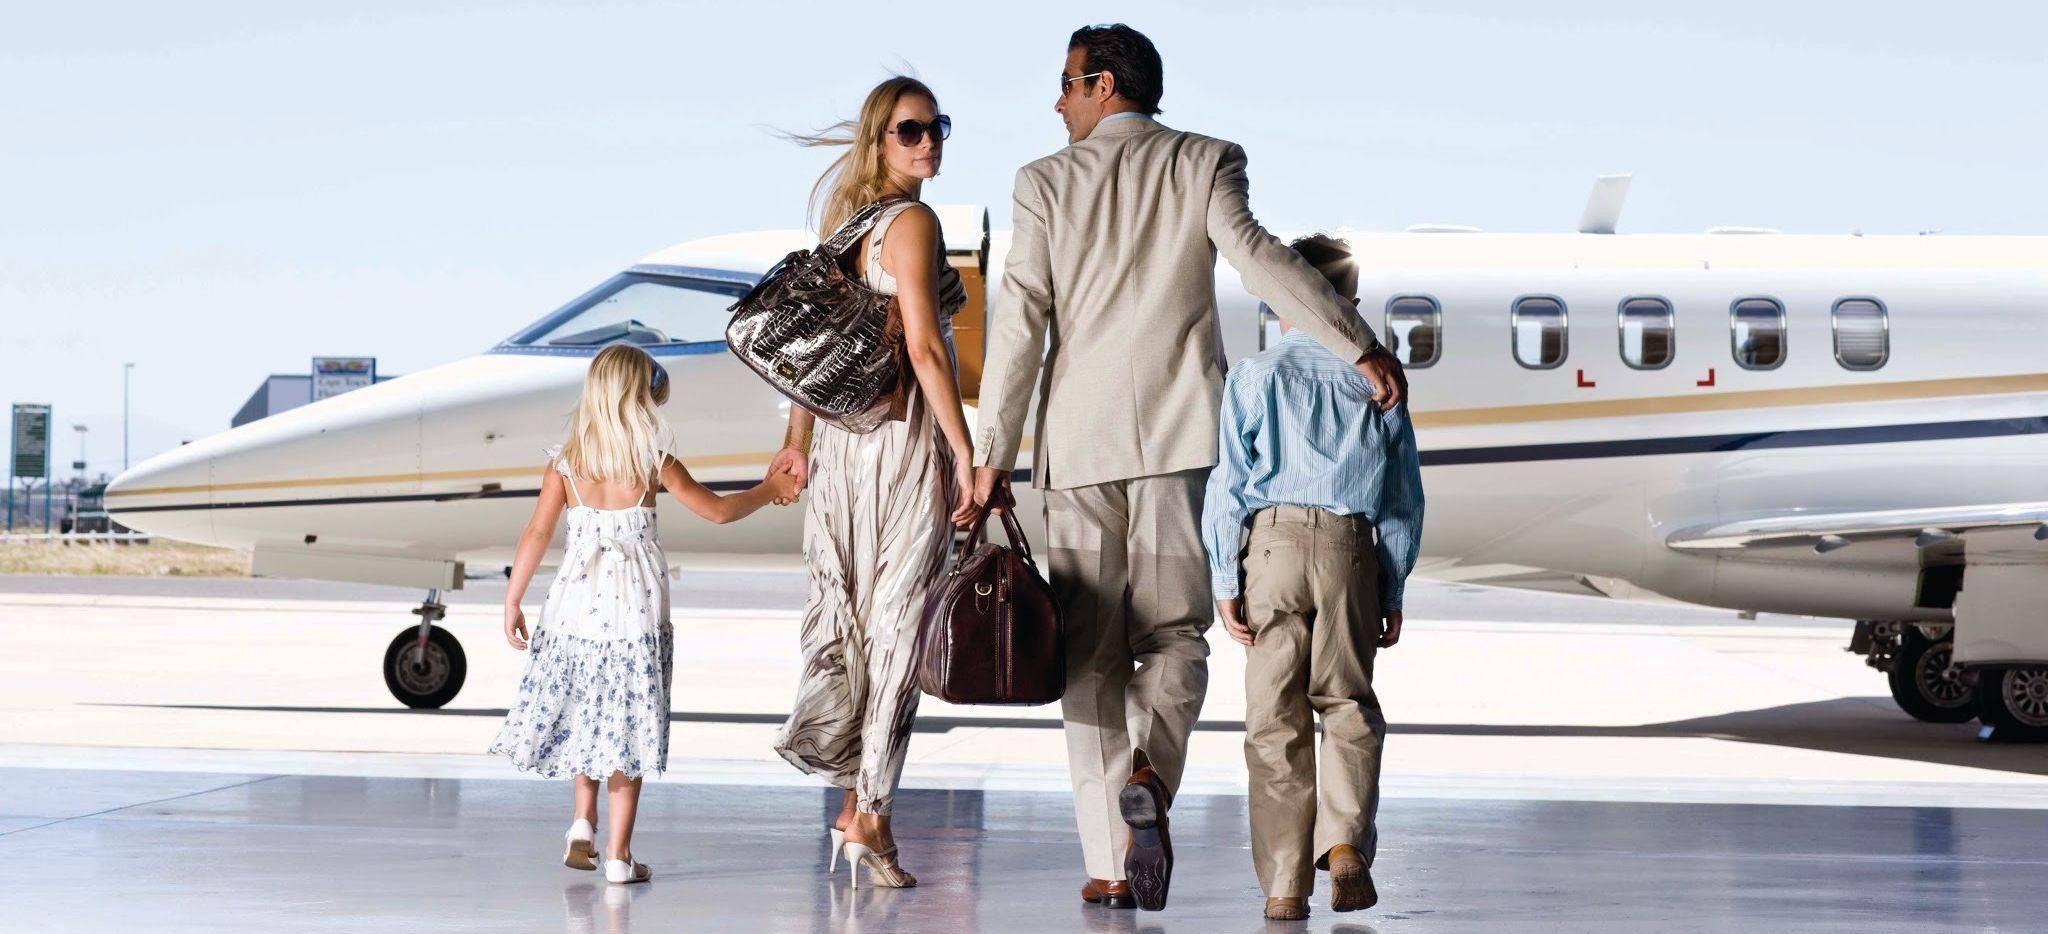 Familie besteigt ein Privatflugzeug